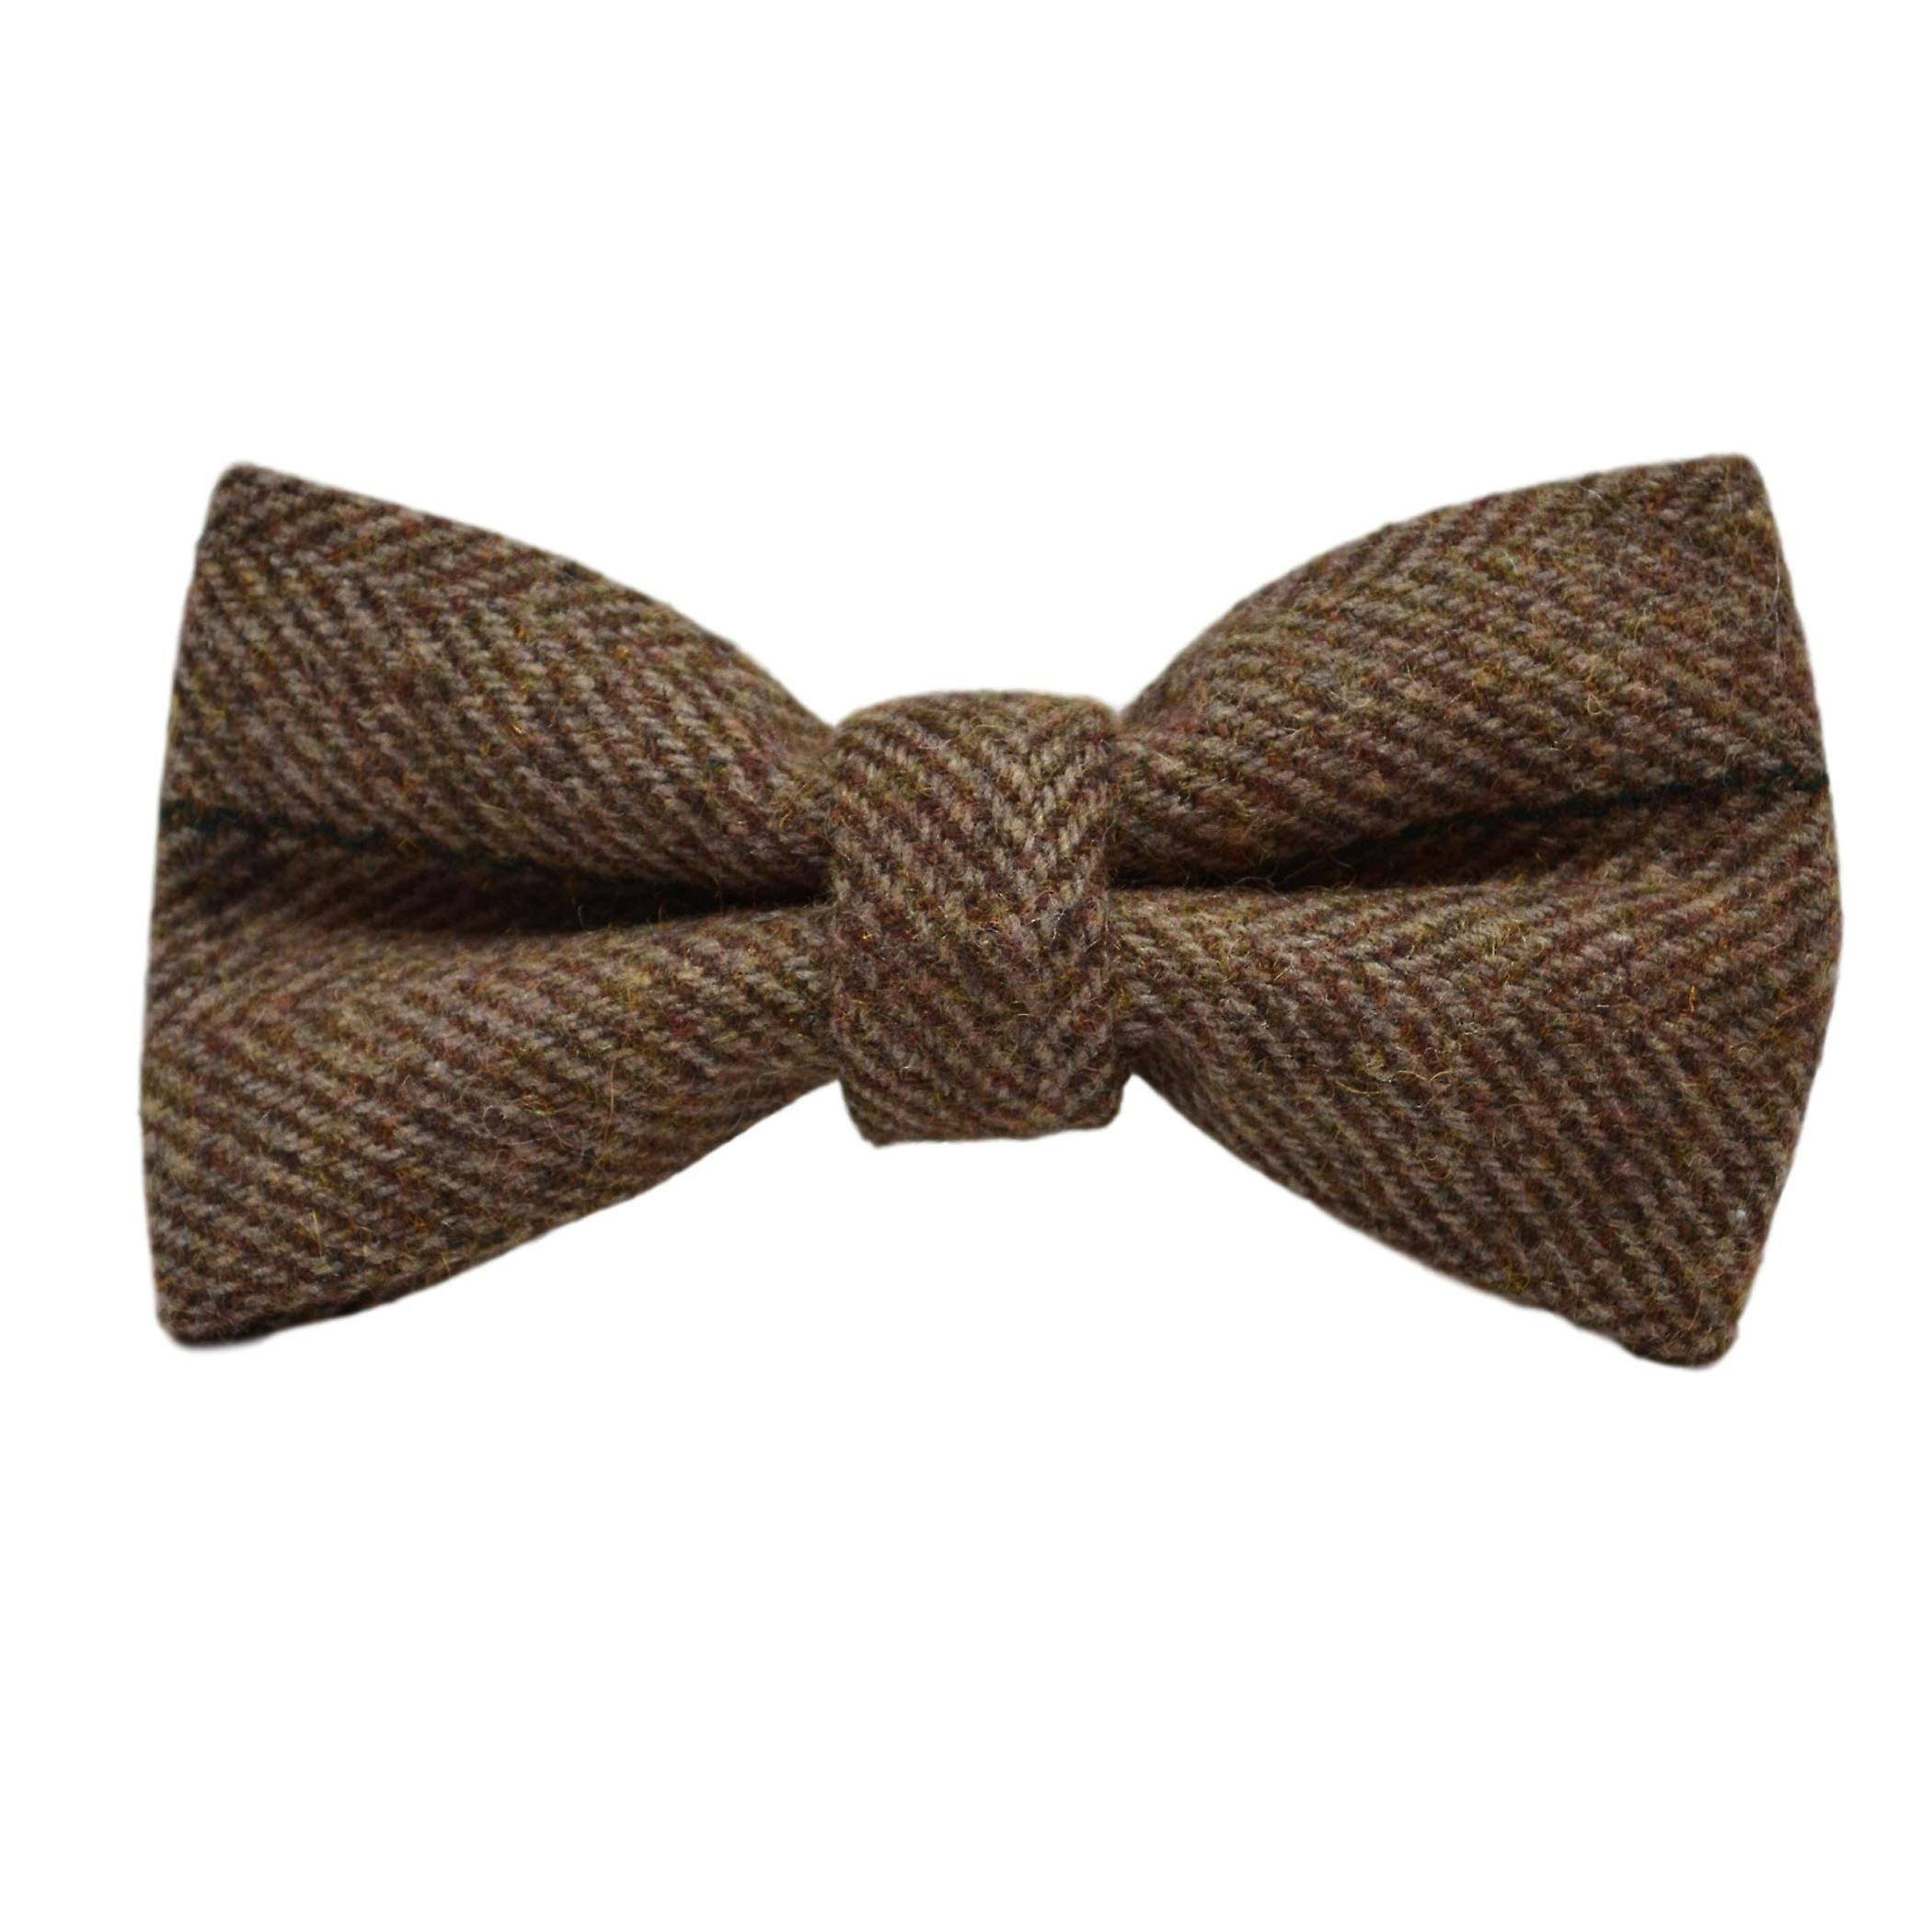 Luxury Peanut Brown Herringbone Check Bow Tie & Pocket Square Set, Tweed